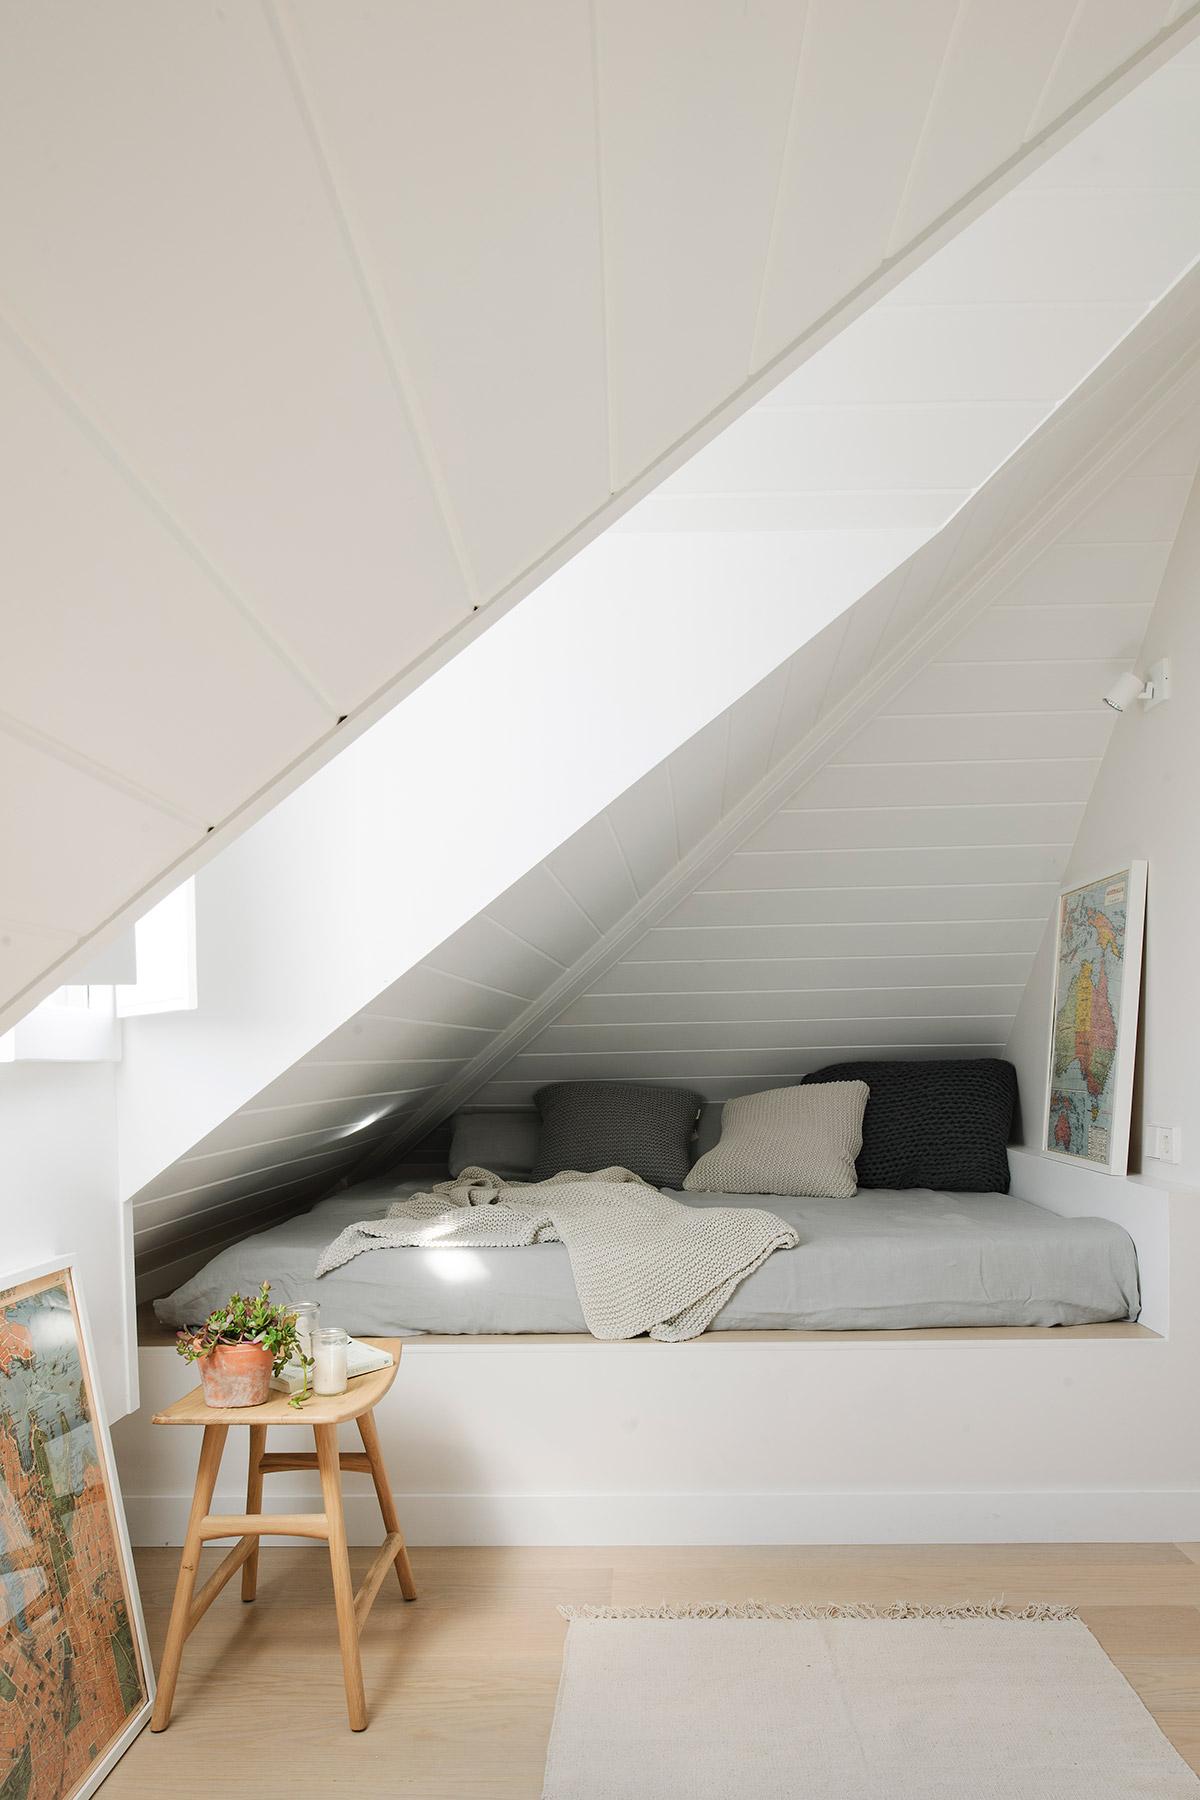 Ideas para aprovechar al m ximo el espacio de un piso peque o - Huecos de escalera ...